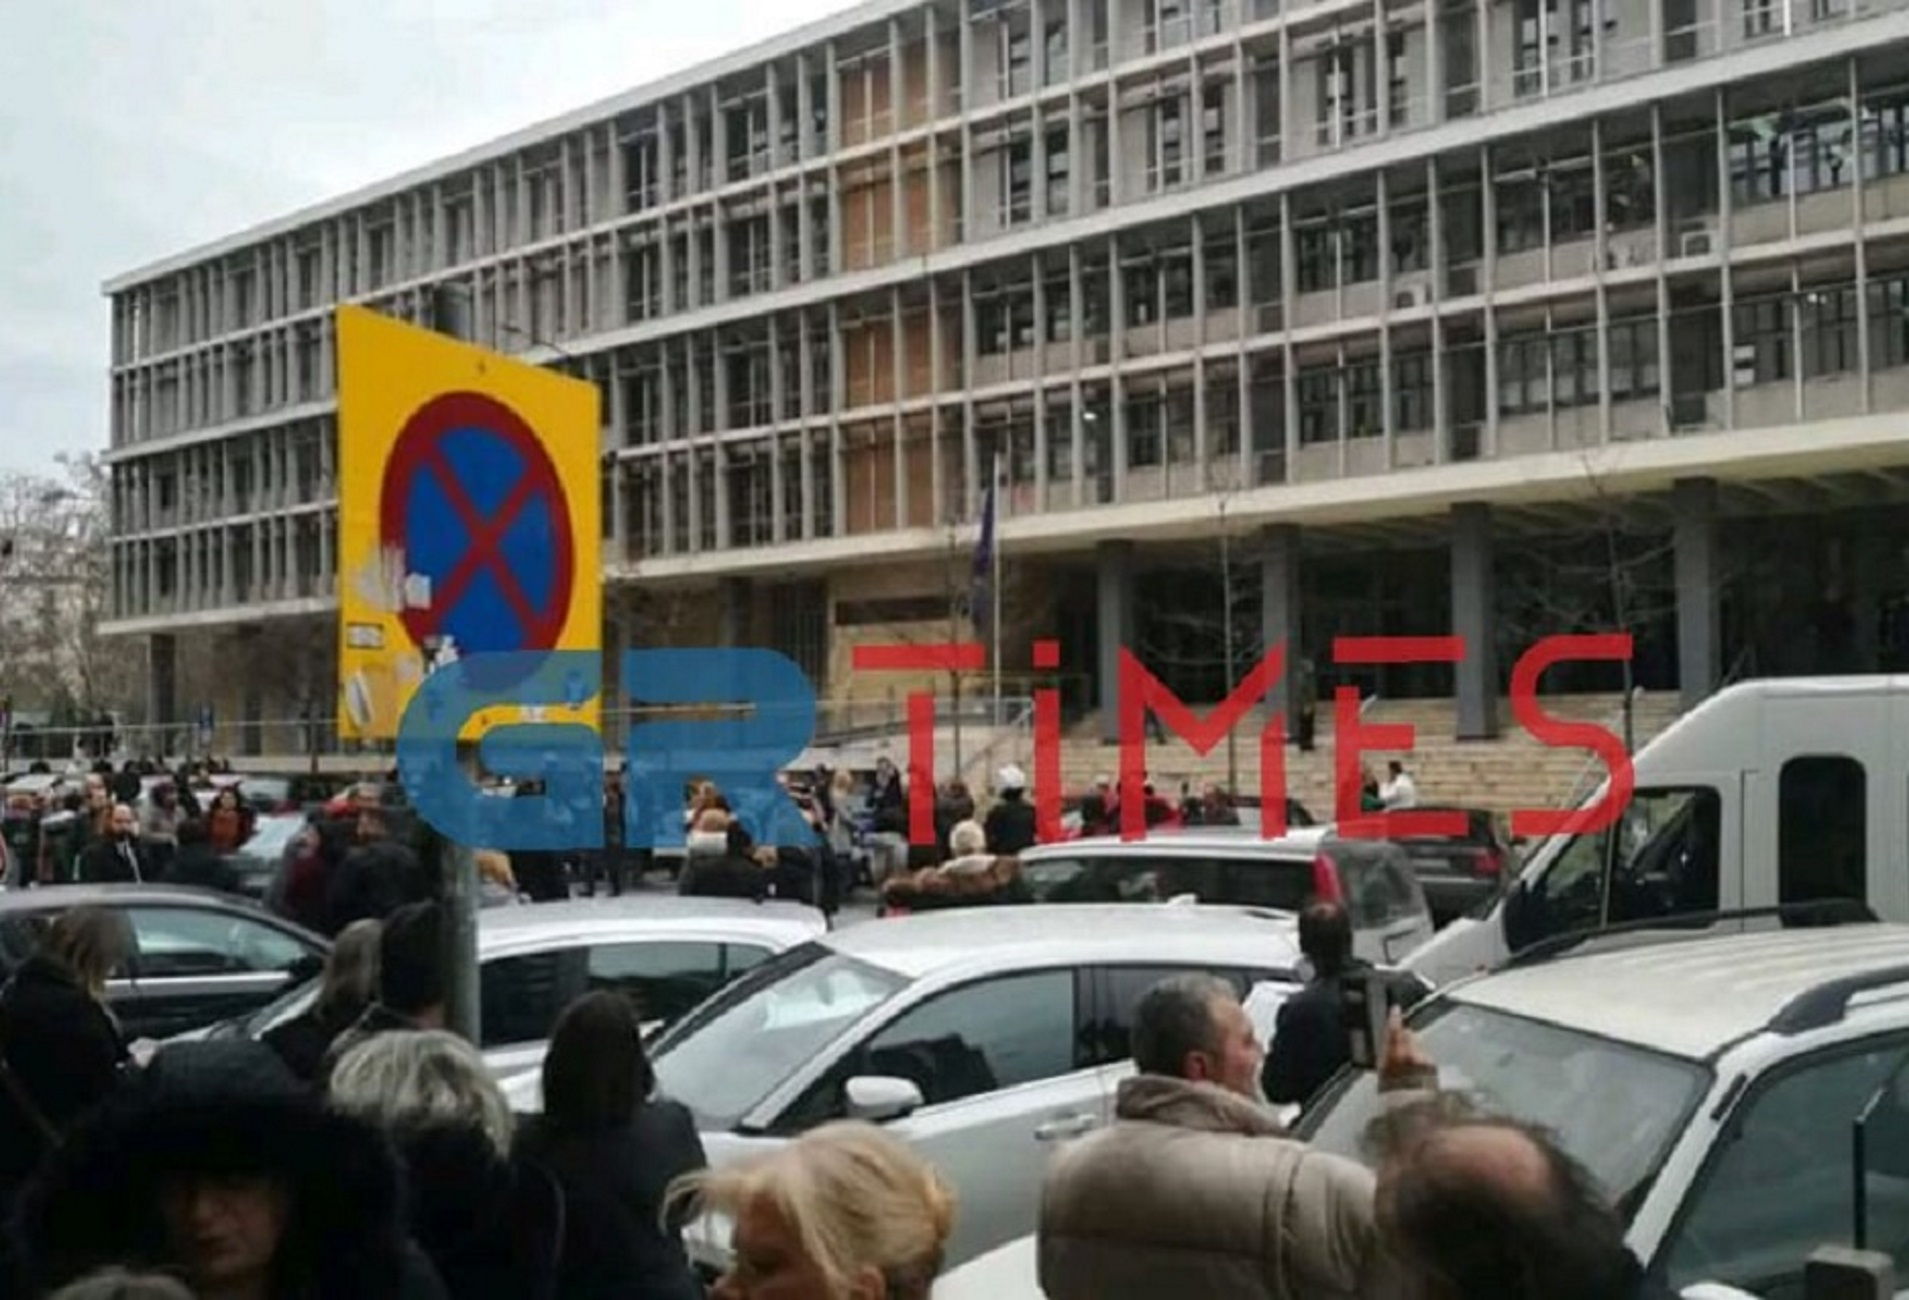 Θεσσαλονίκη: Τηλεφώνησαν για βόμβα στα δικαστήρια! Κυκλοφοριακή σύγχυση έξω από το Μέγαρο (Φωτό)